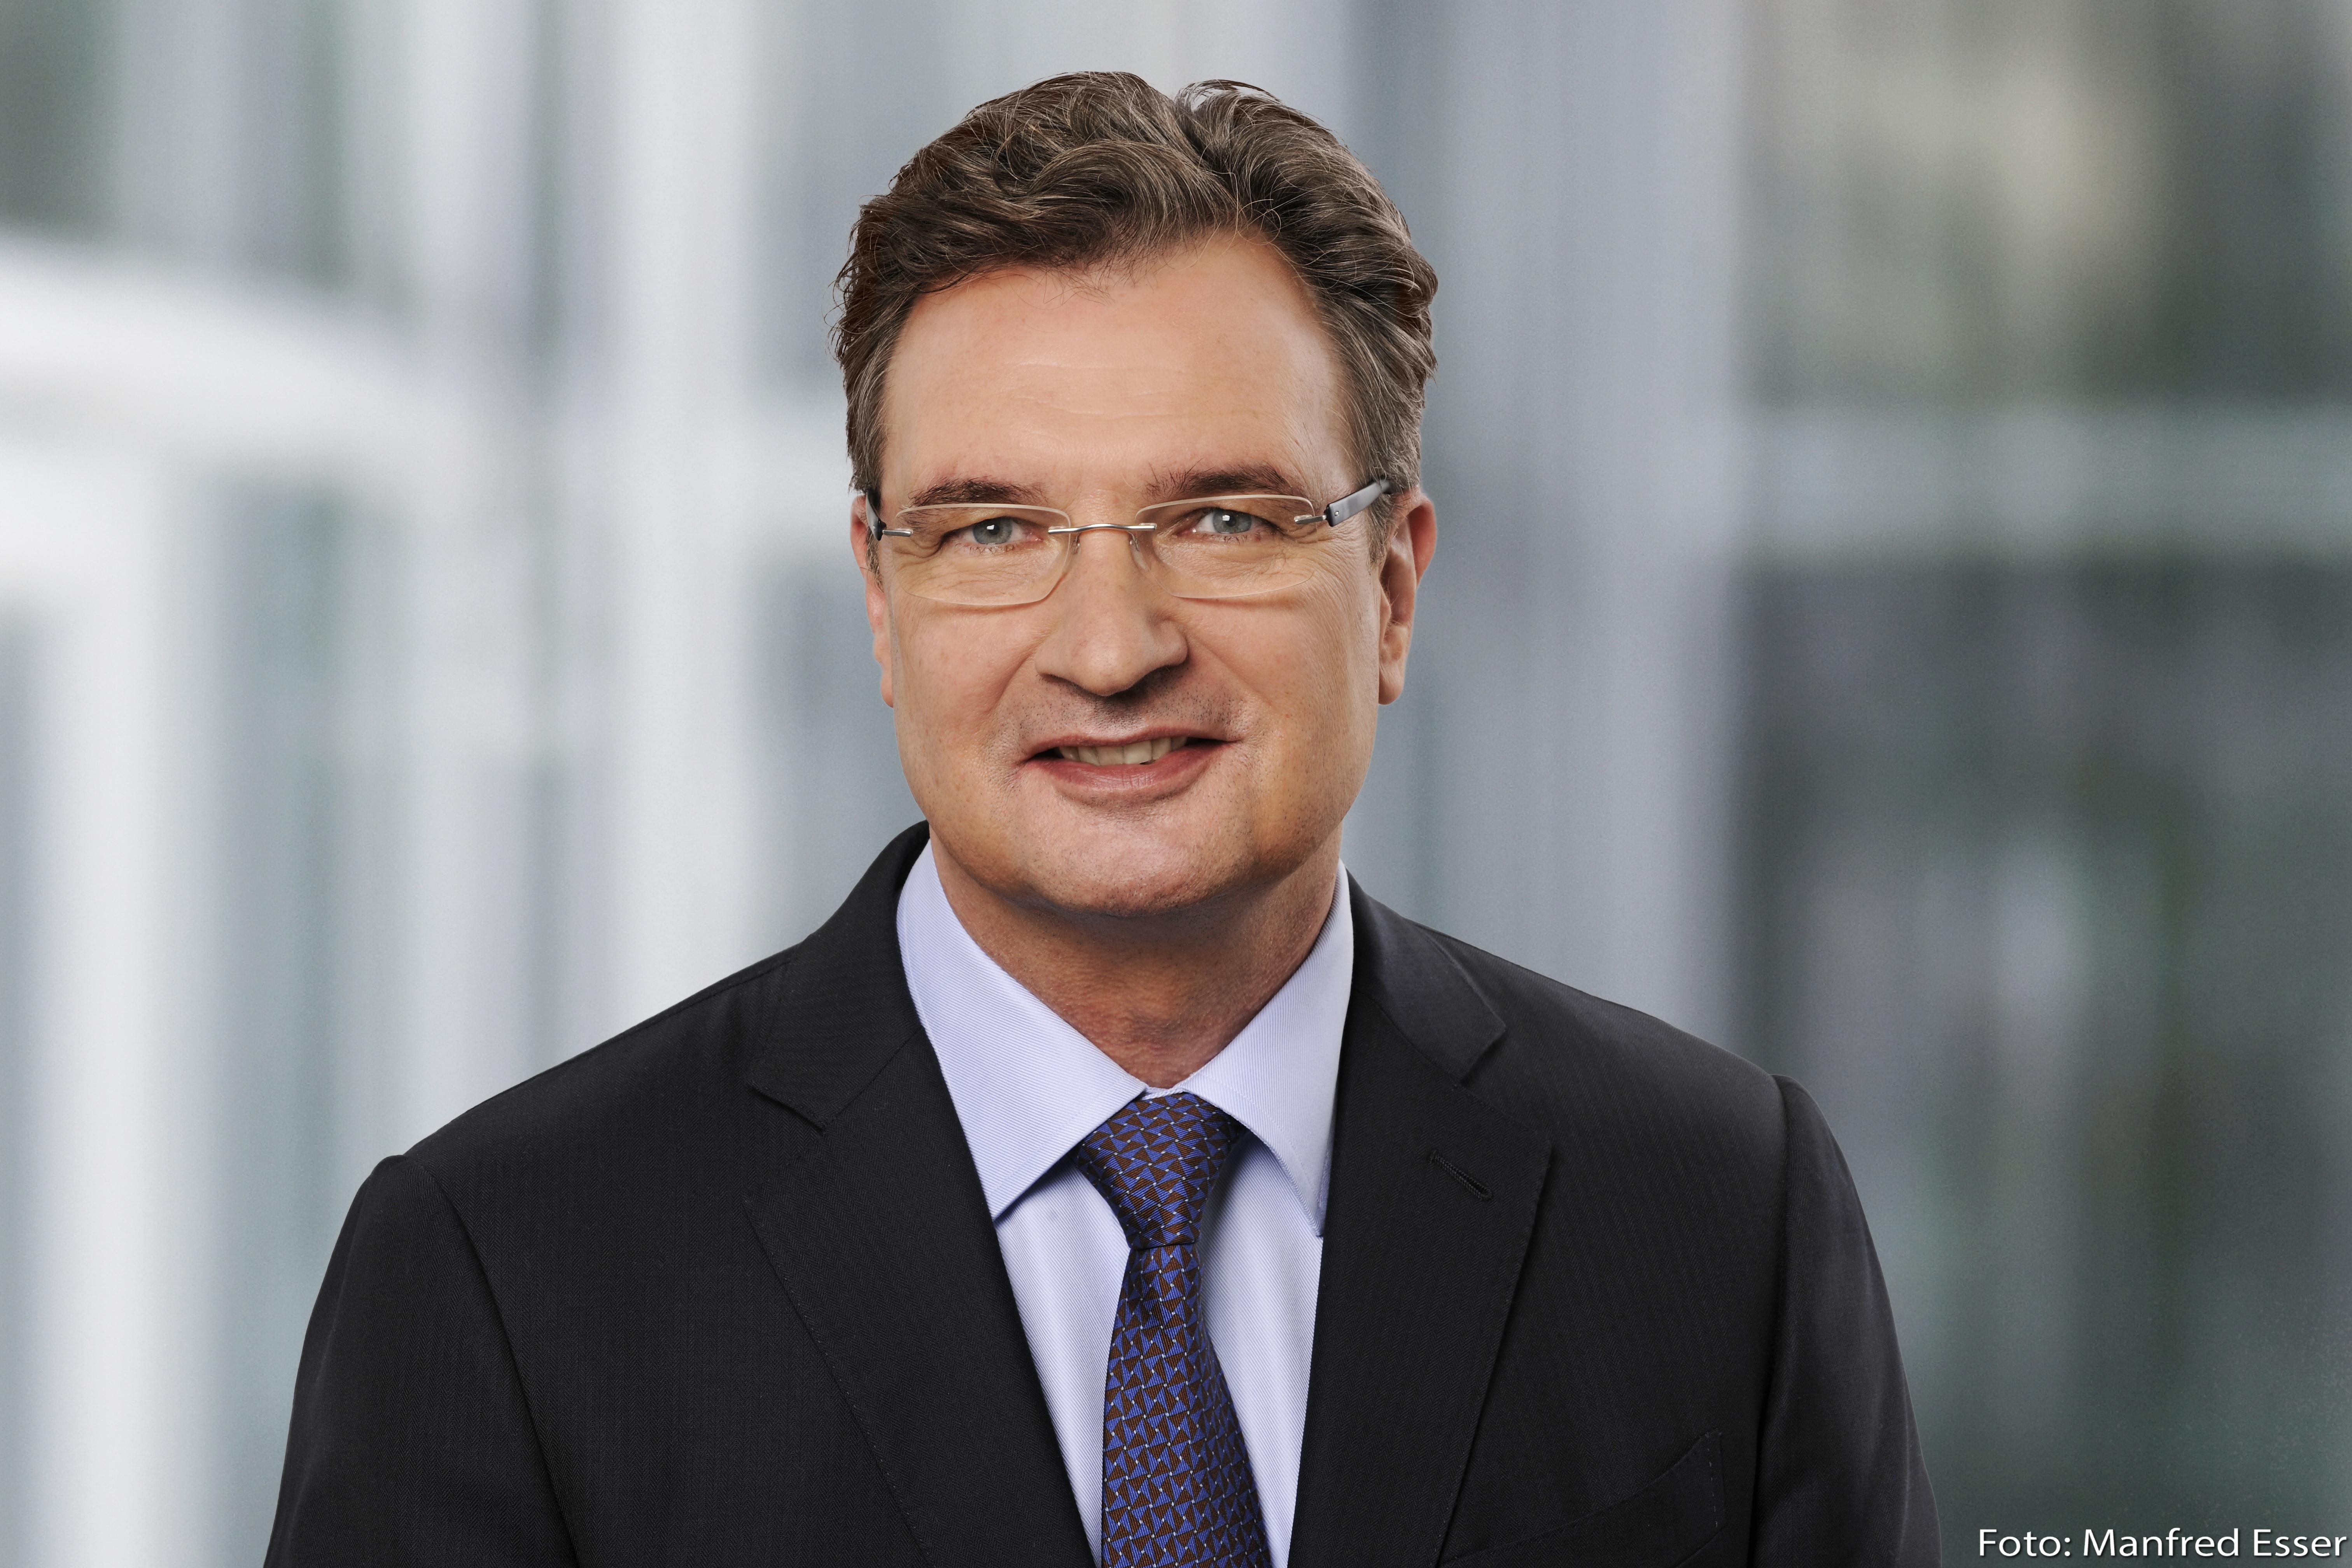 Jürgen Höfling